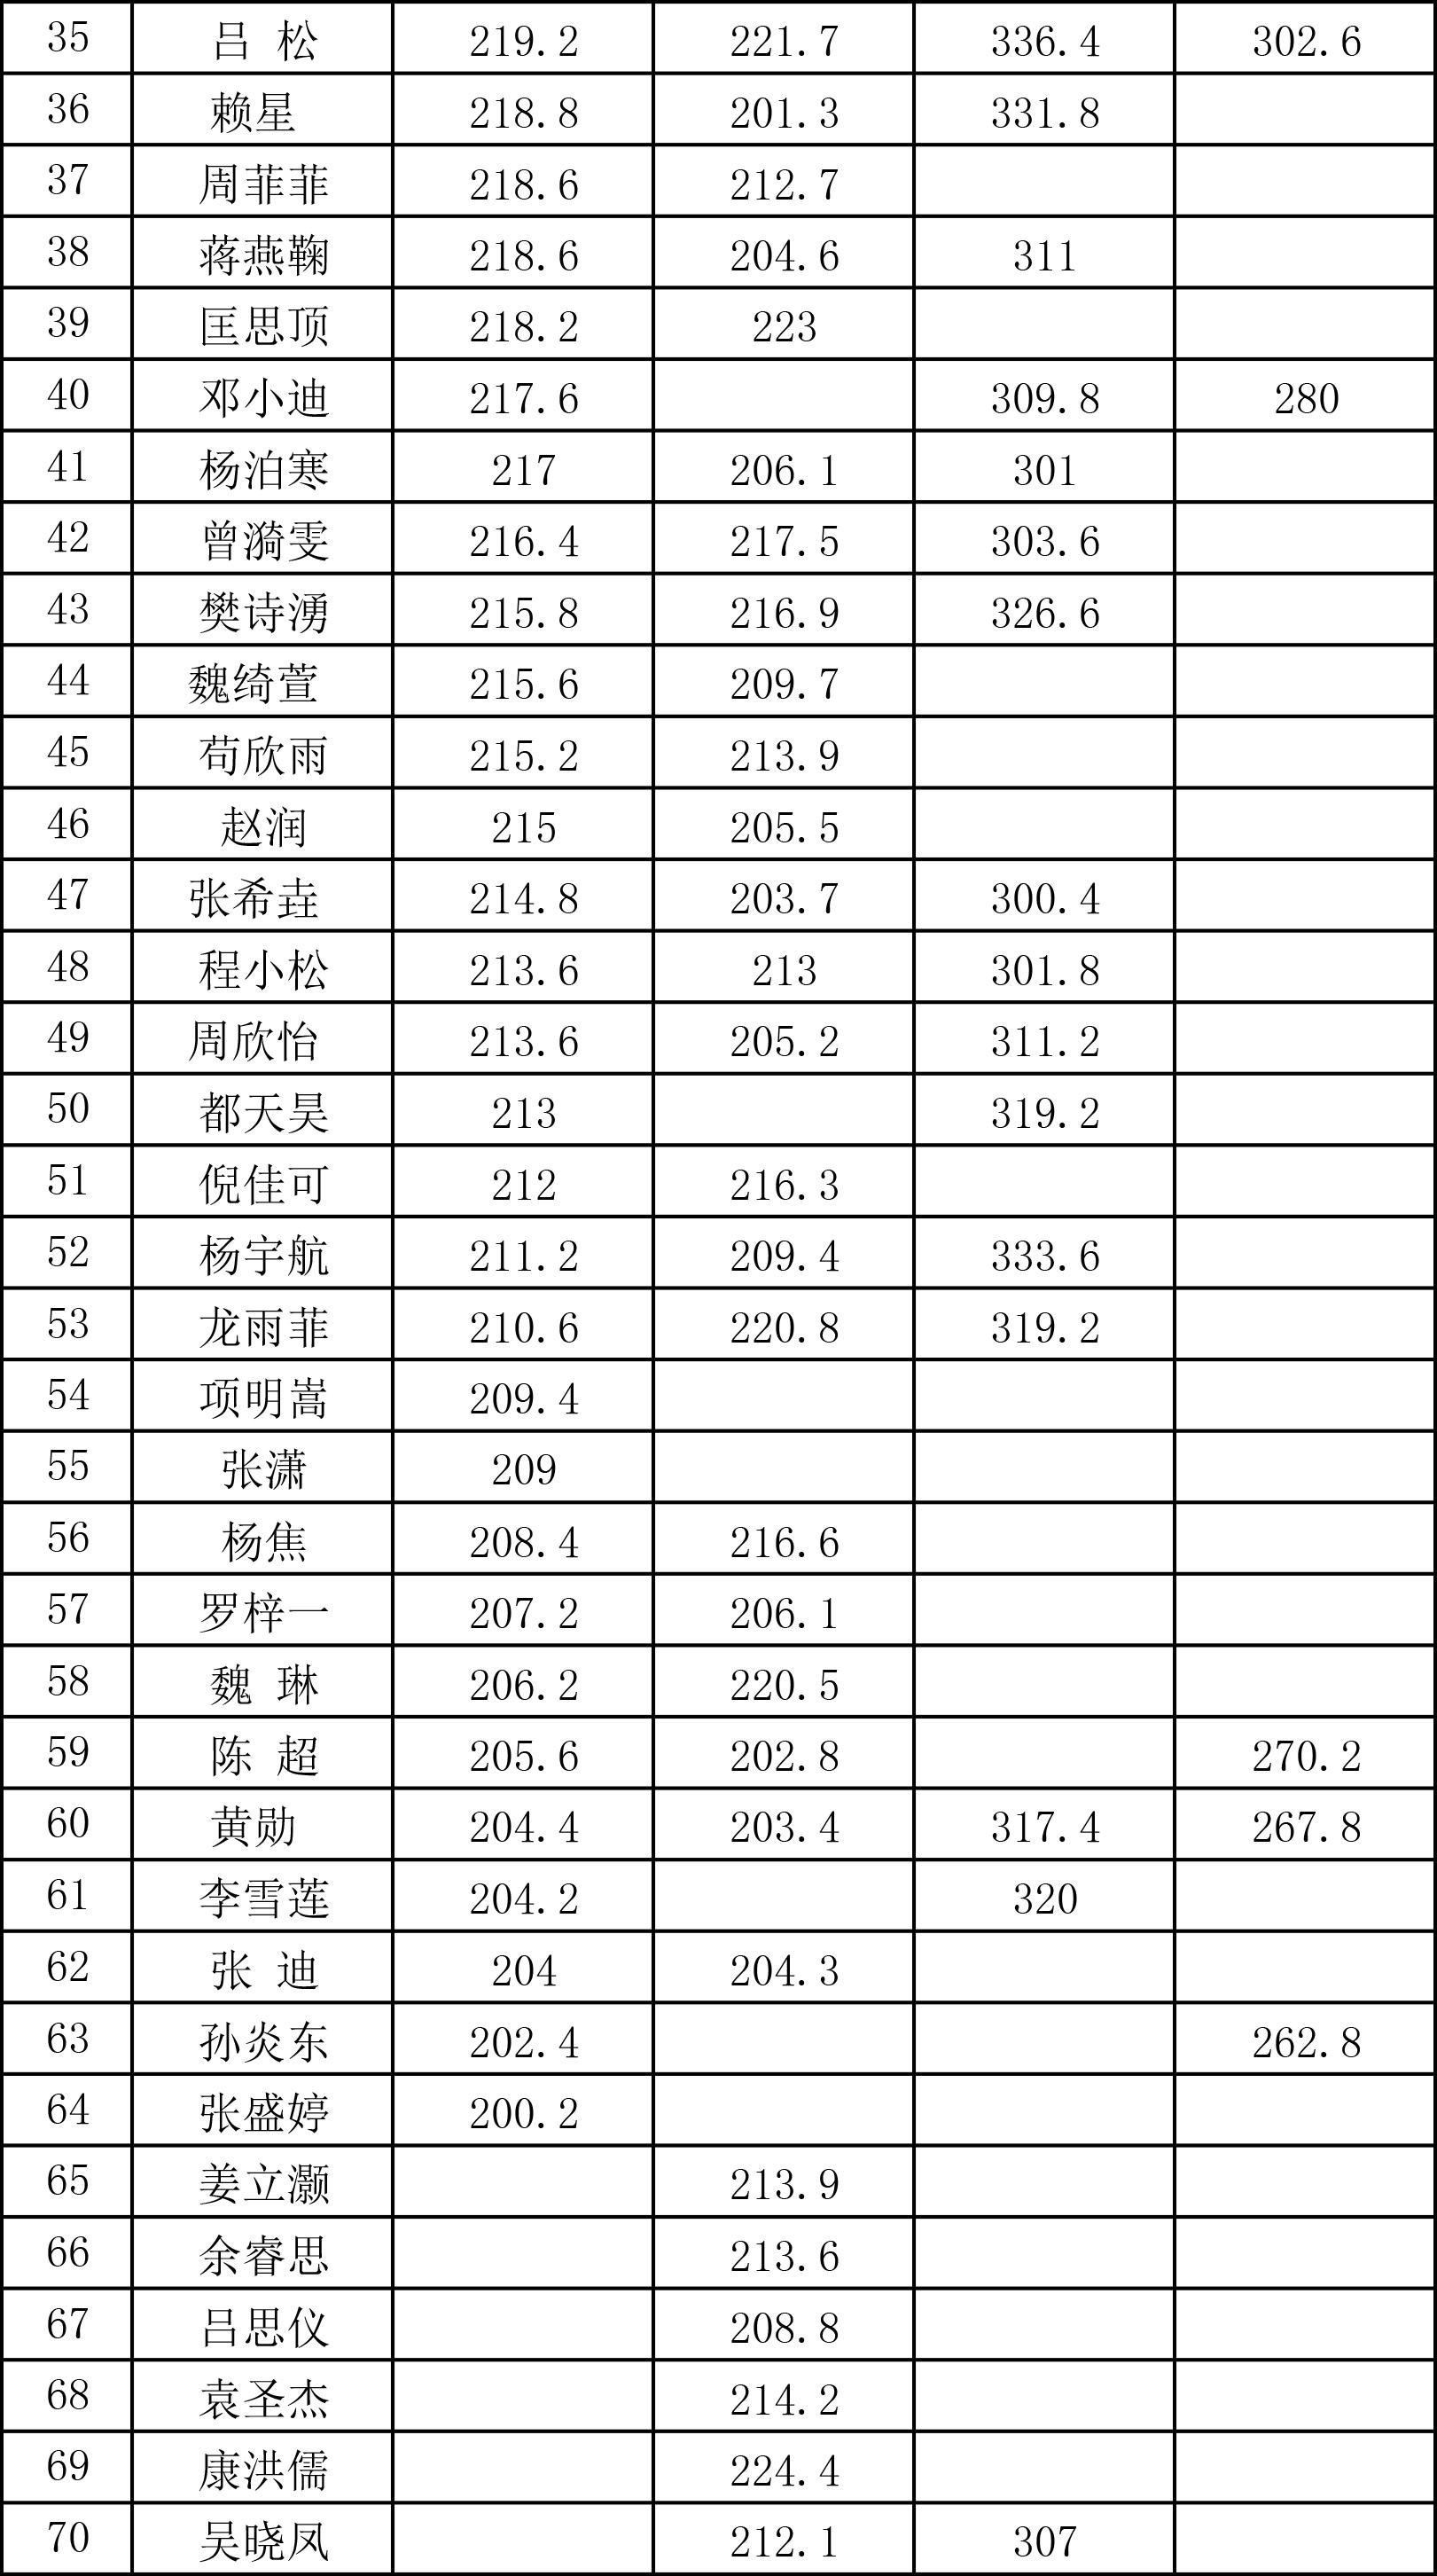 传媒部2019-2020届联考成绩统计表-2